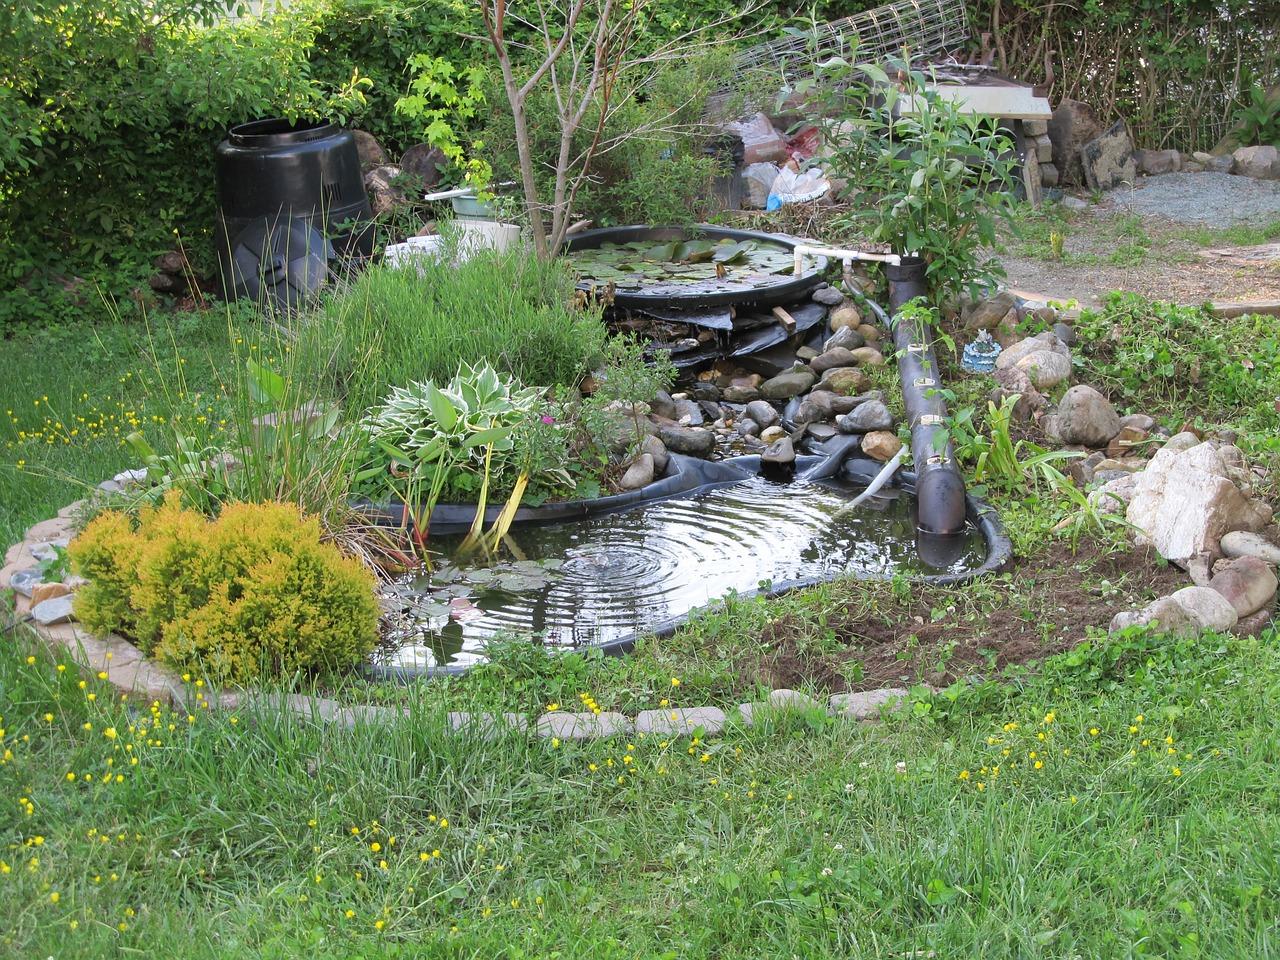 kako-isplanirati-i-izraditi-jezerce-u-vrtu-u-jednom-danu-kako-hr